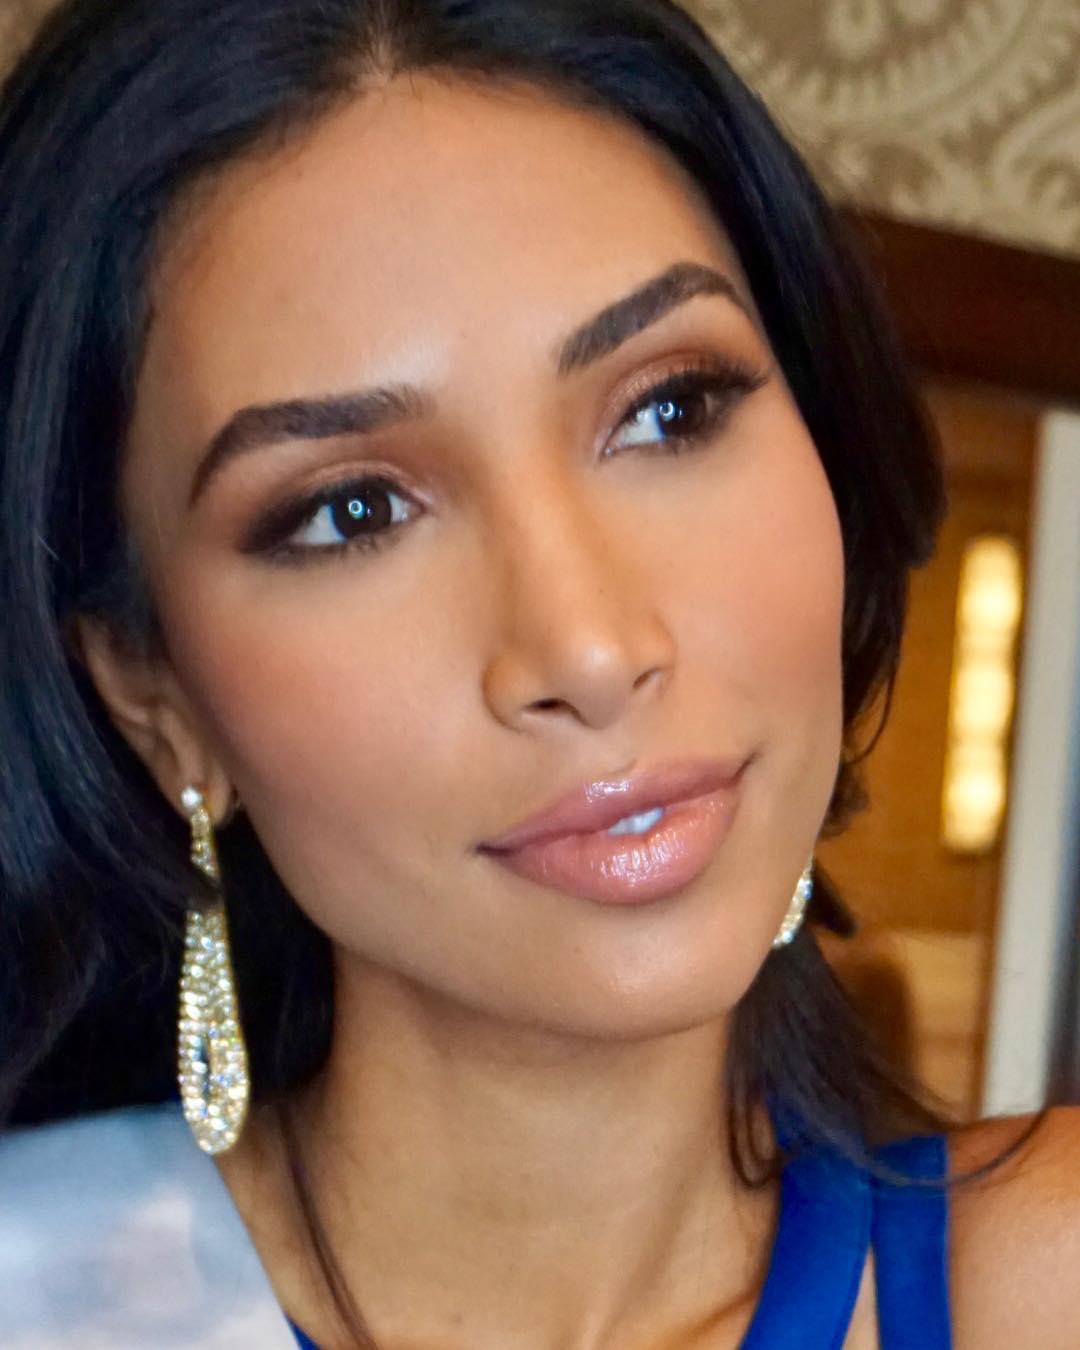 marianny egurrola, top 20 de miss intercontinental 2018-2019. - Página 3 49805610